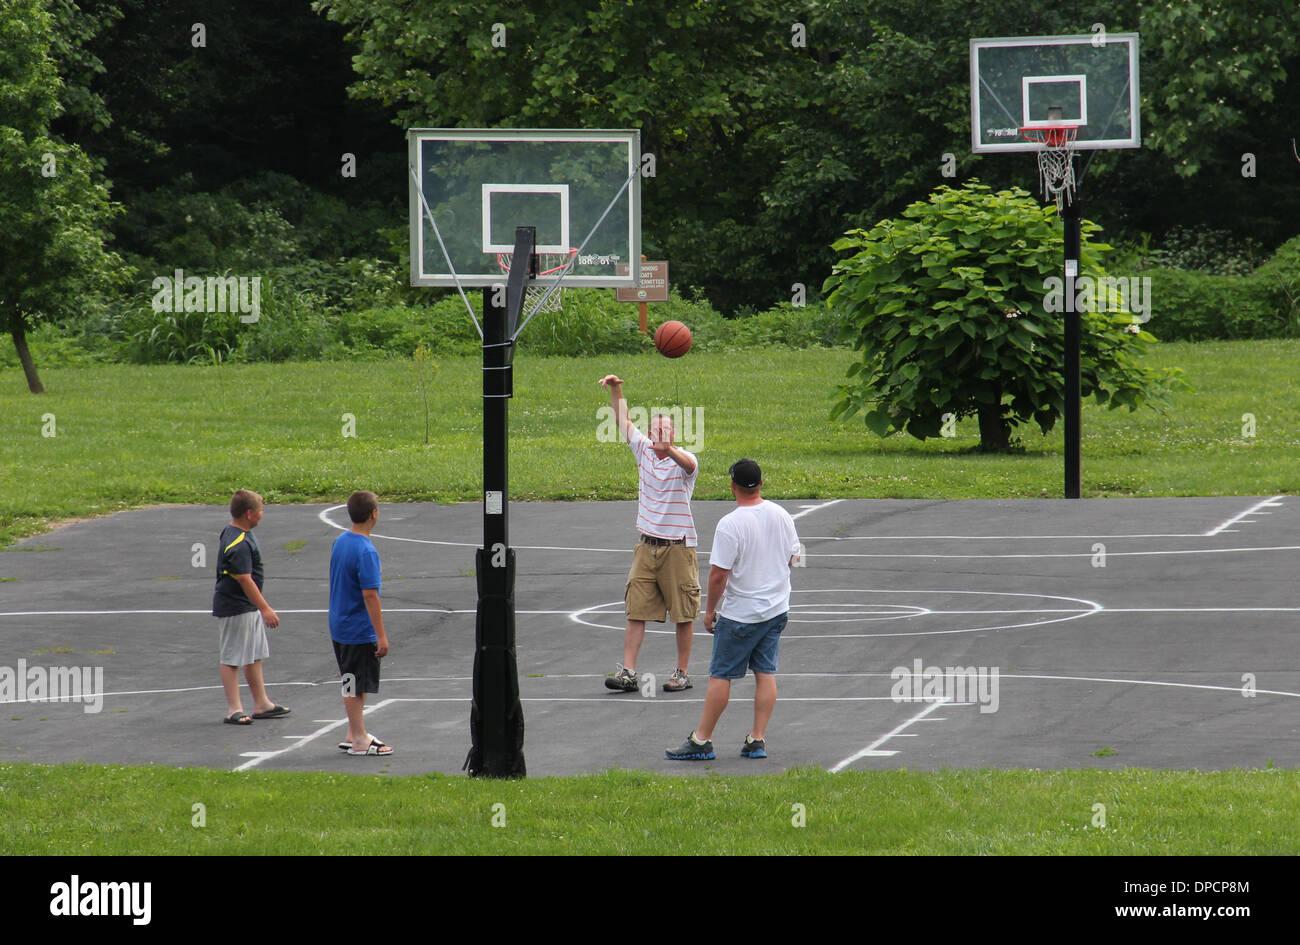 Les jeunes hommes jouant au basket-ball dans l'Indiana parc Photo Stock